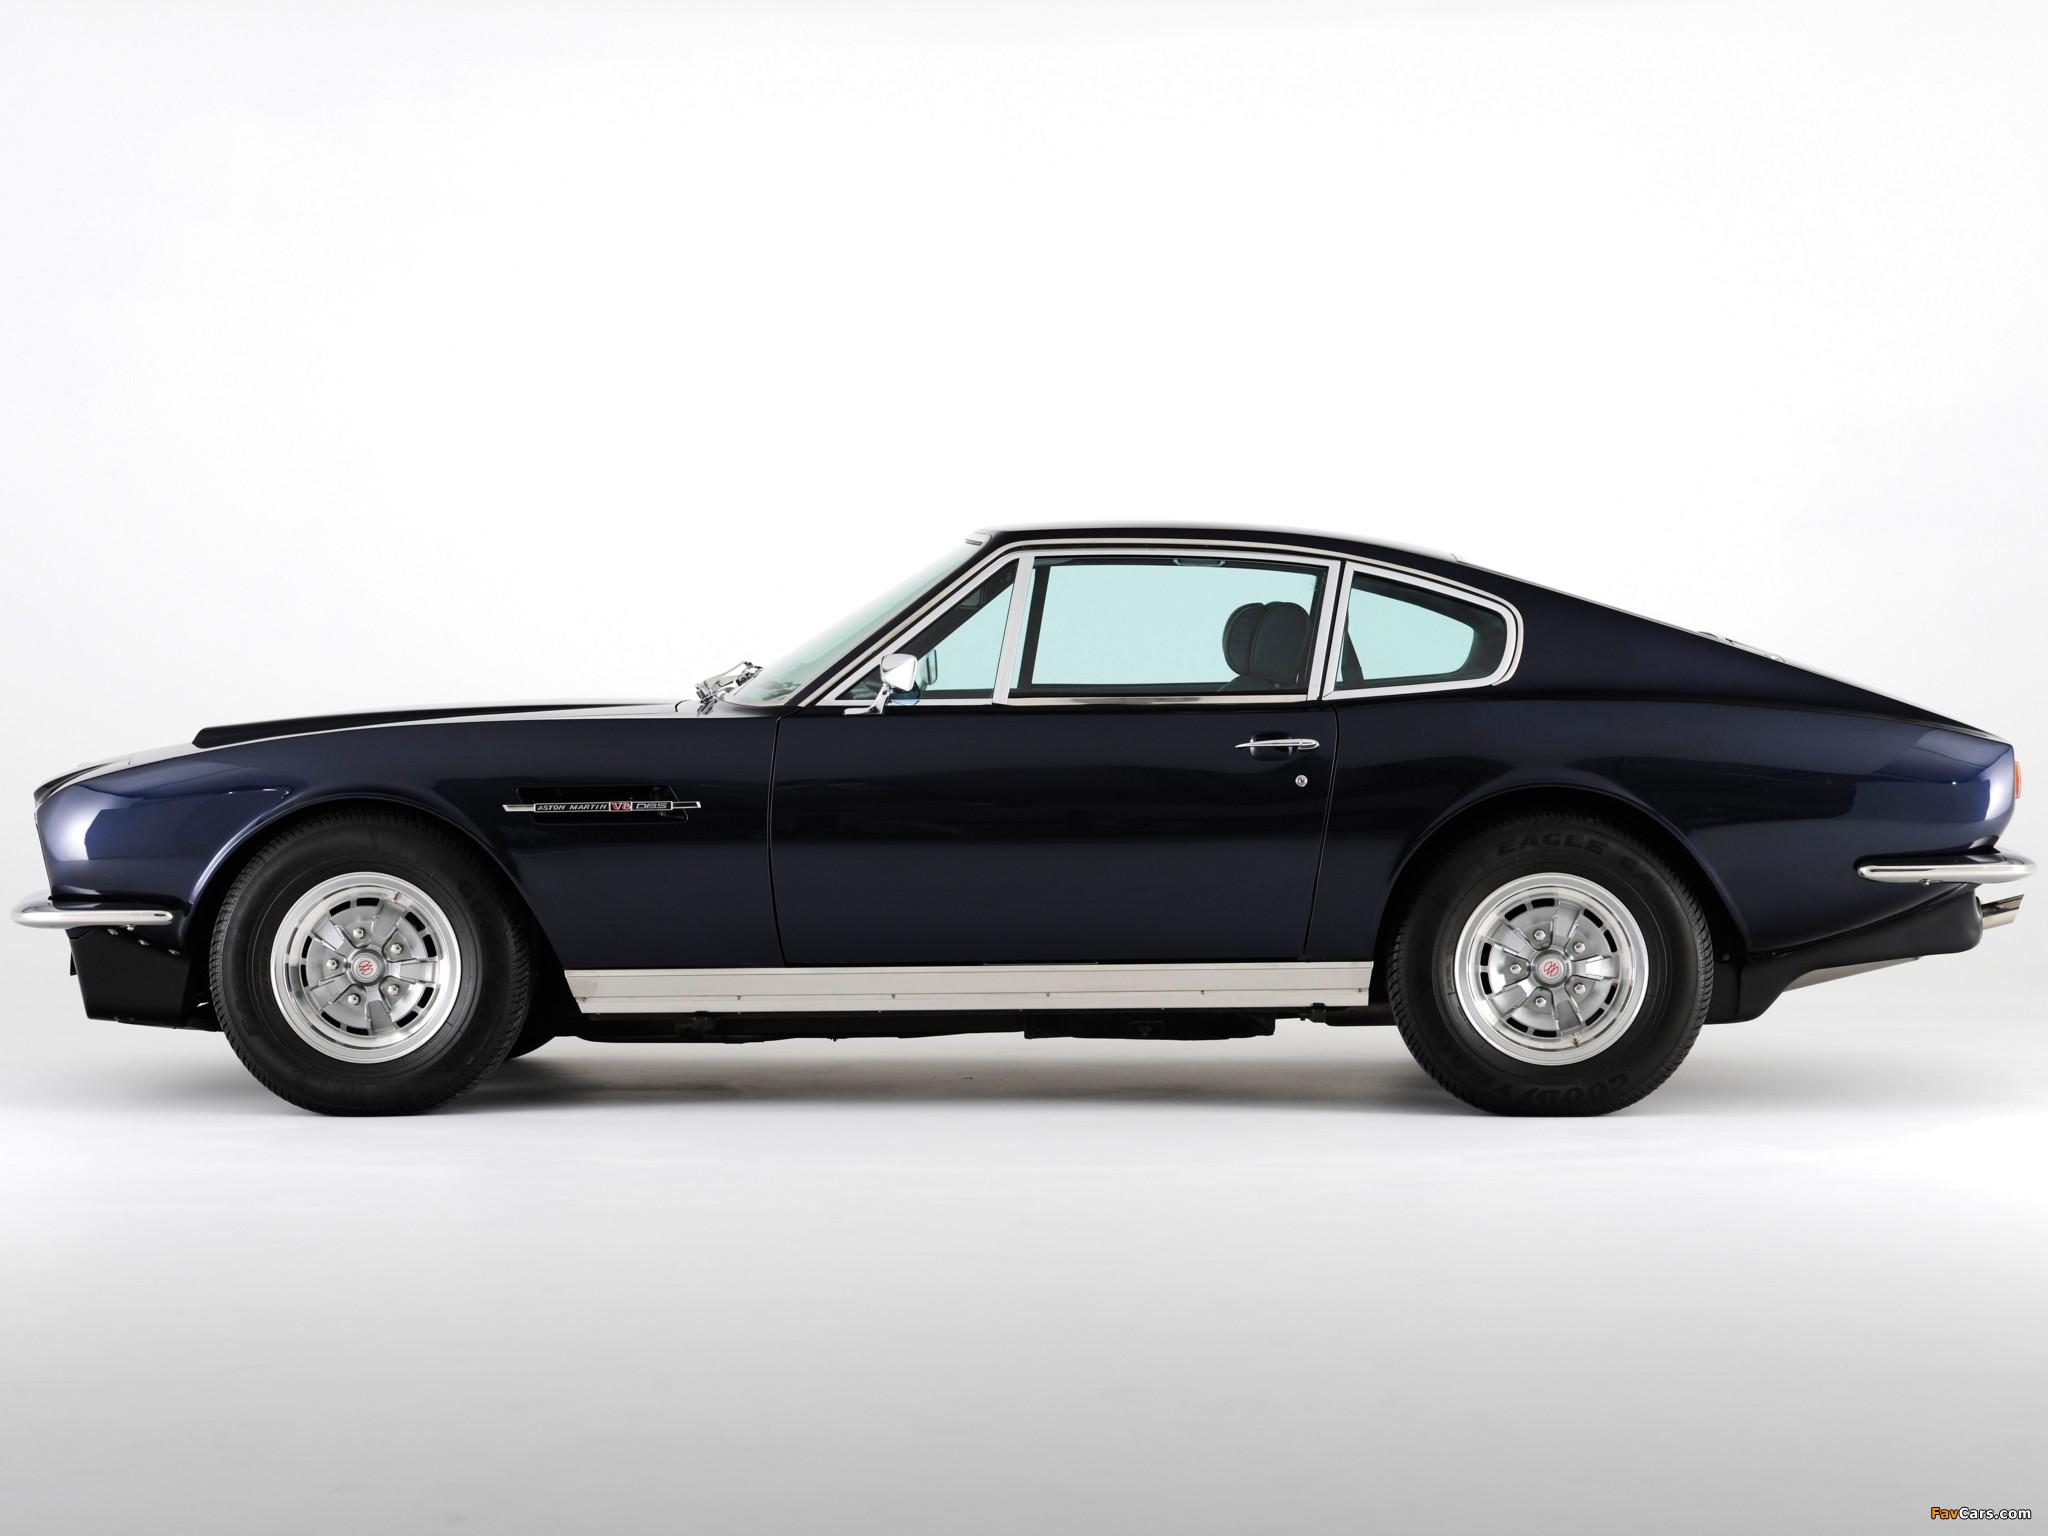 Aston martin dbs bond car